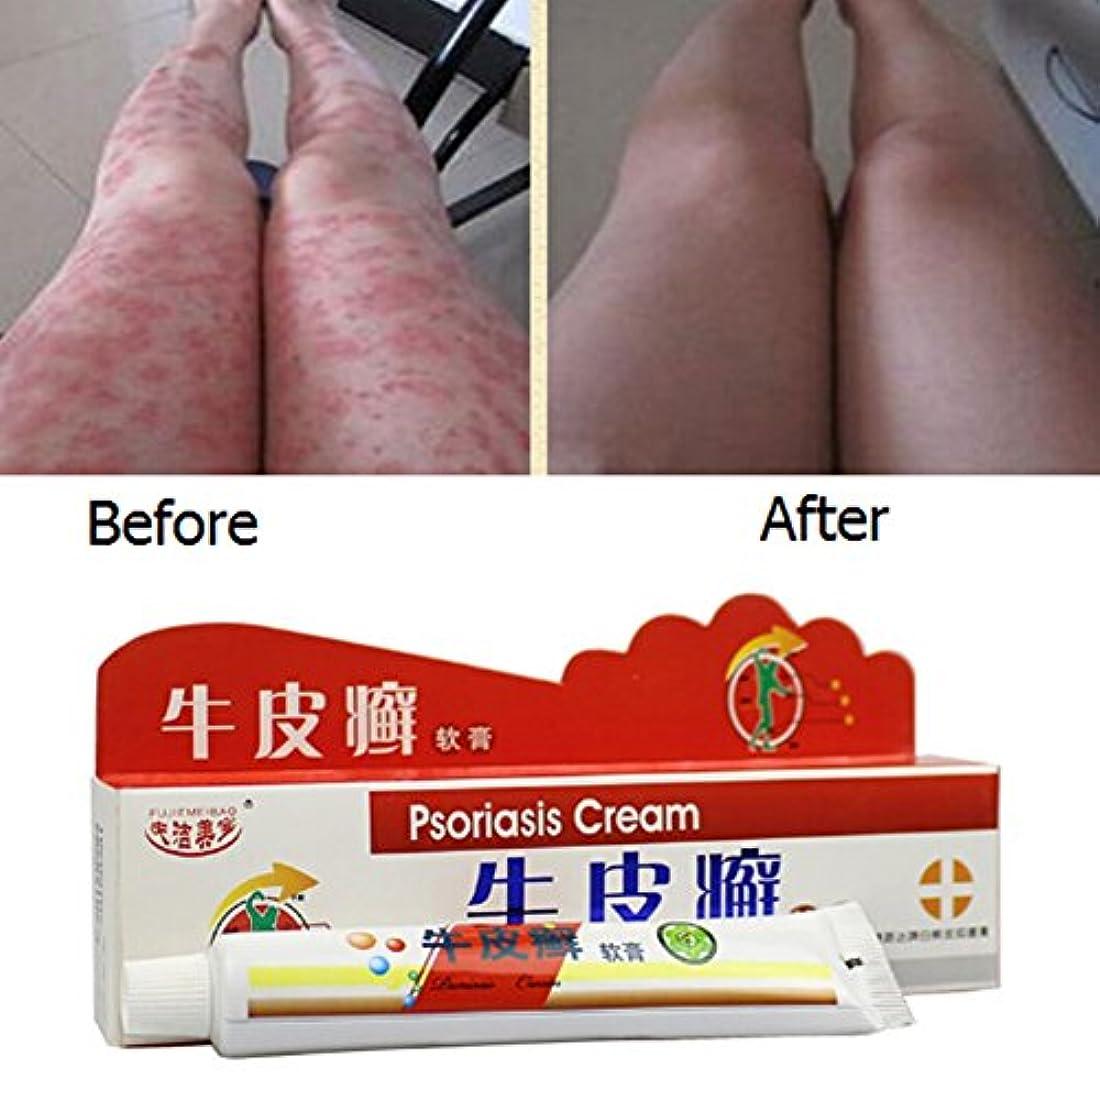 振る舞うパドルモニカBalai 乾癬クリーム 中国のハーブ抗菌軟膏クリーム 湿疹乾癬 治療かゆみ止めクリーム